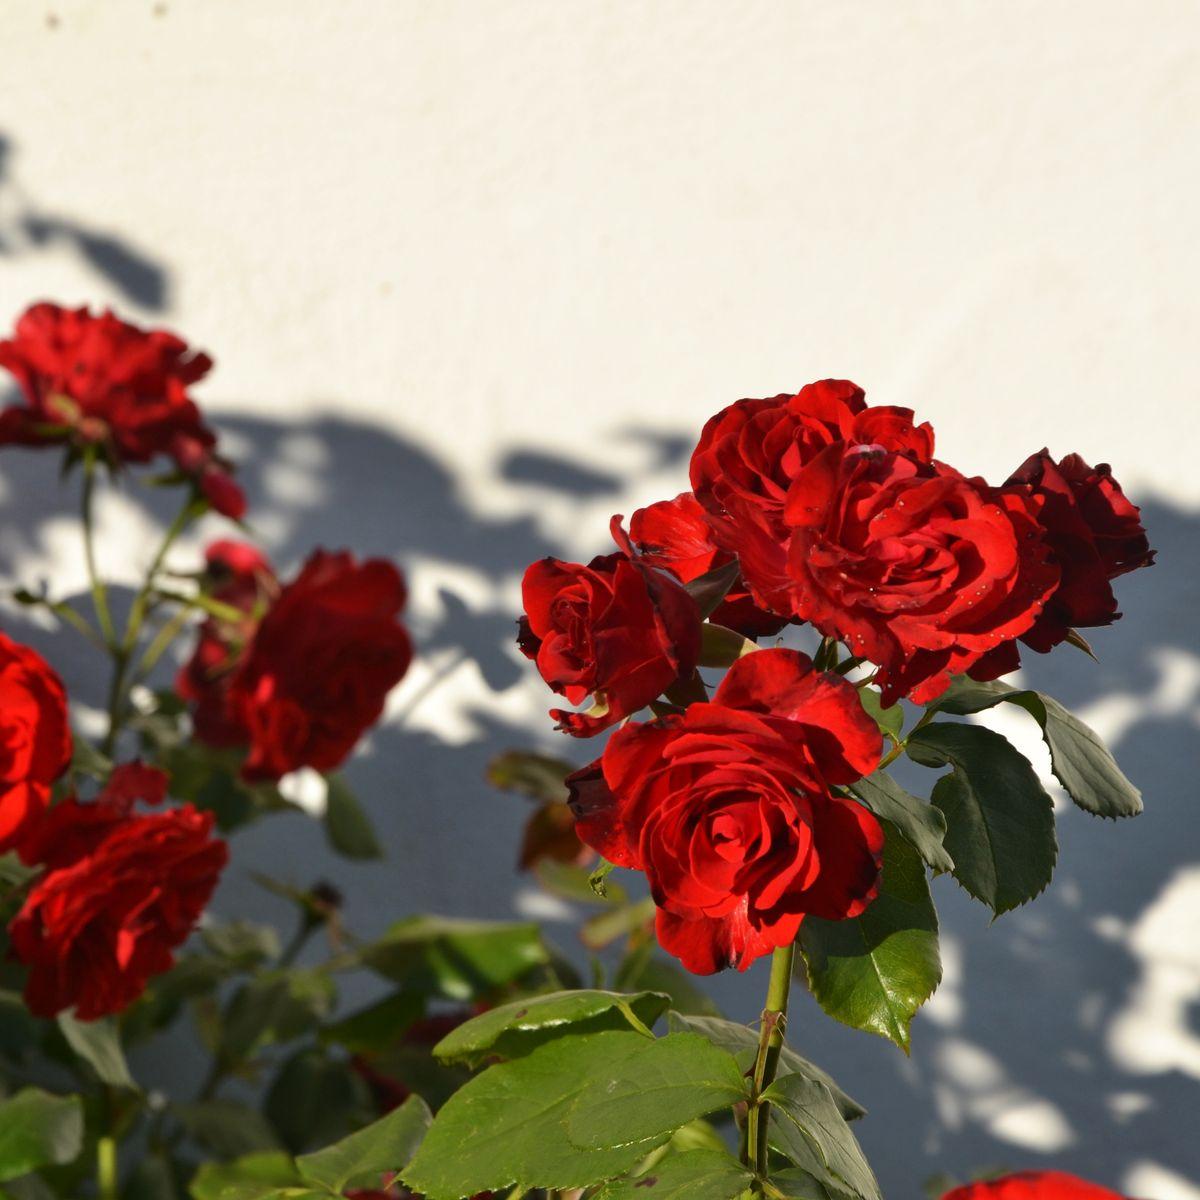 Wie schneiden Sie Ihre Rosen richtig?